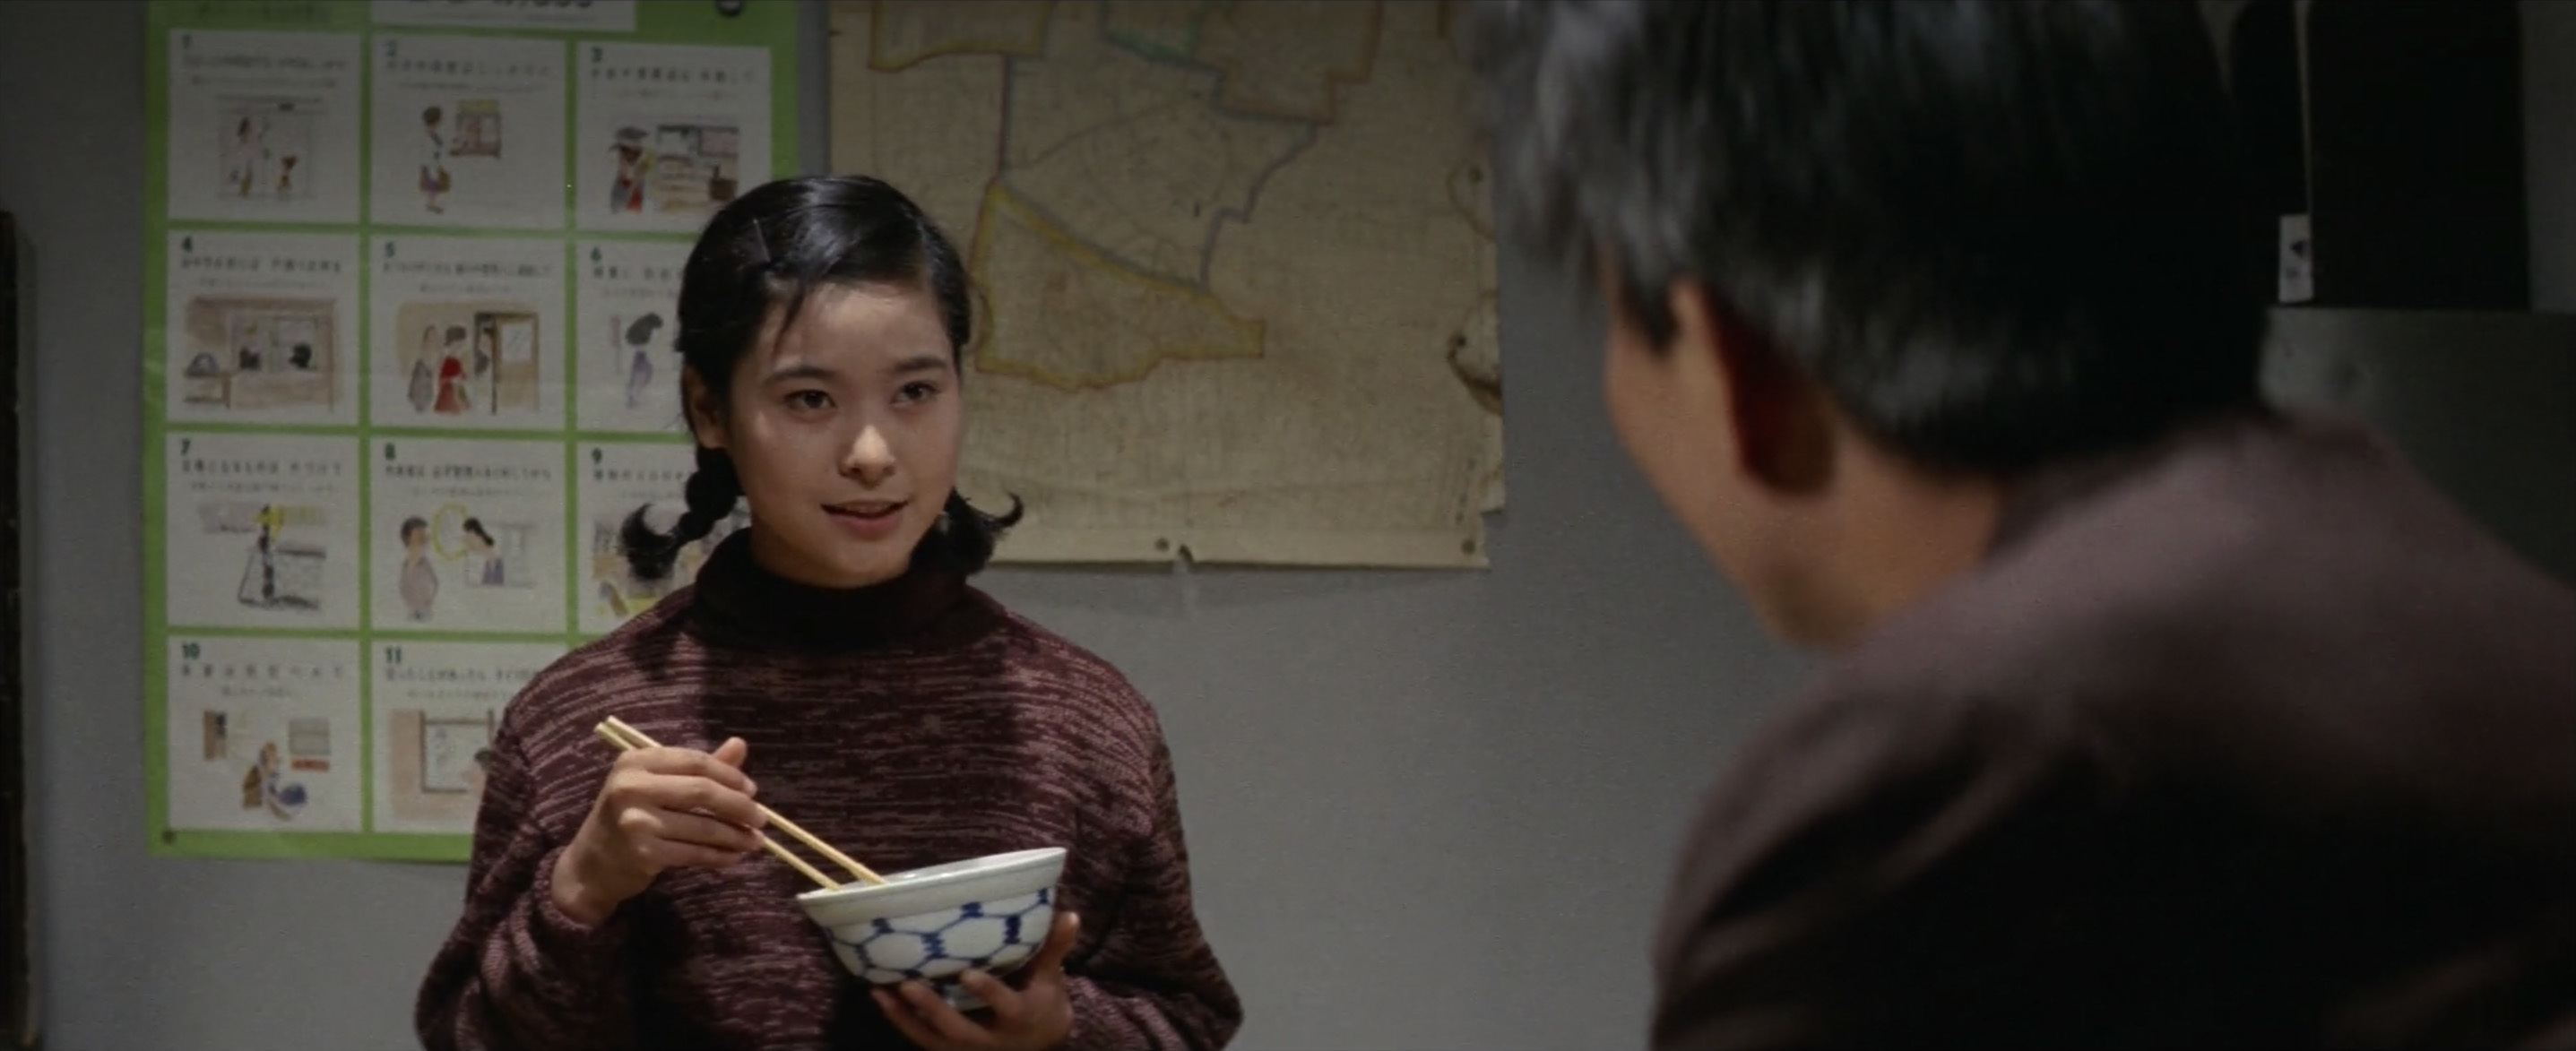 西尾三枝子(Mieko Nishio)「美しい十代」(1964)《前編》_e0042361_21085183.jpg